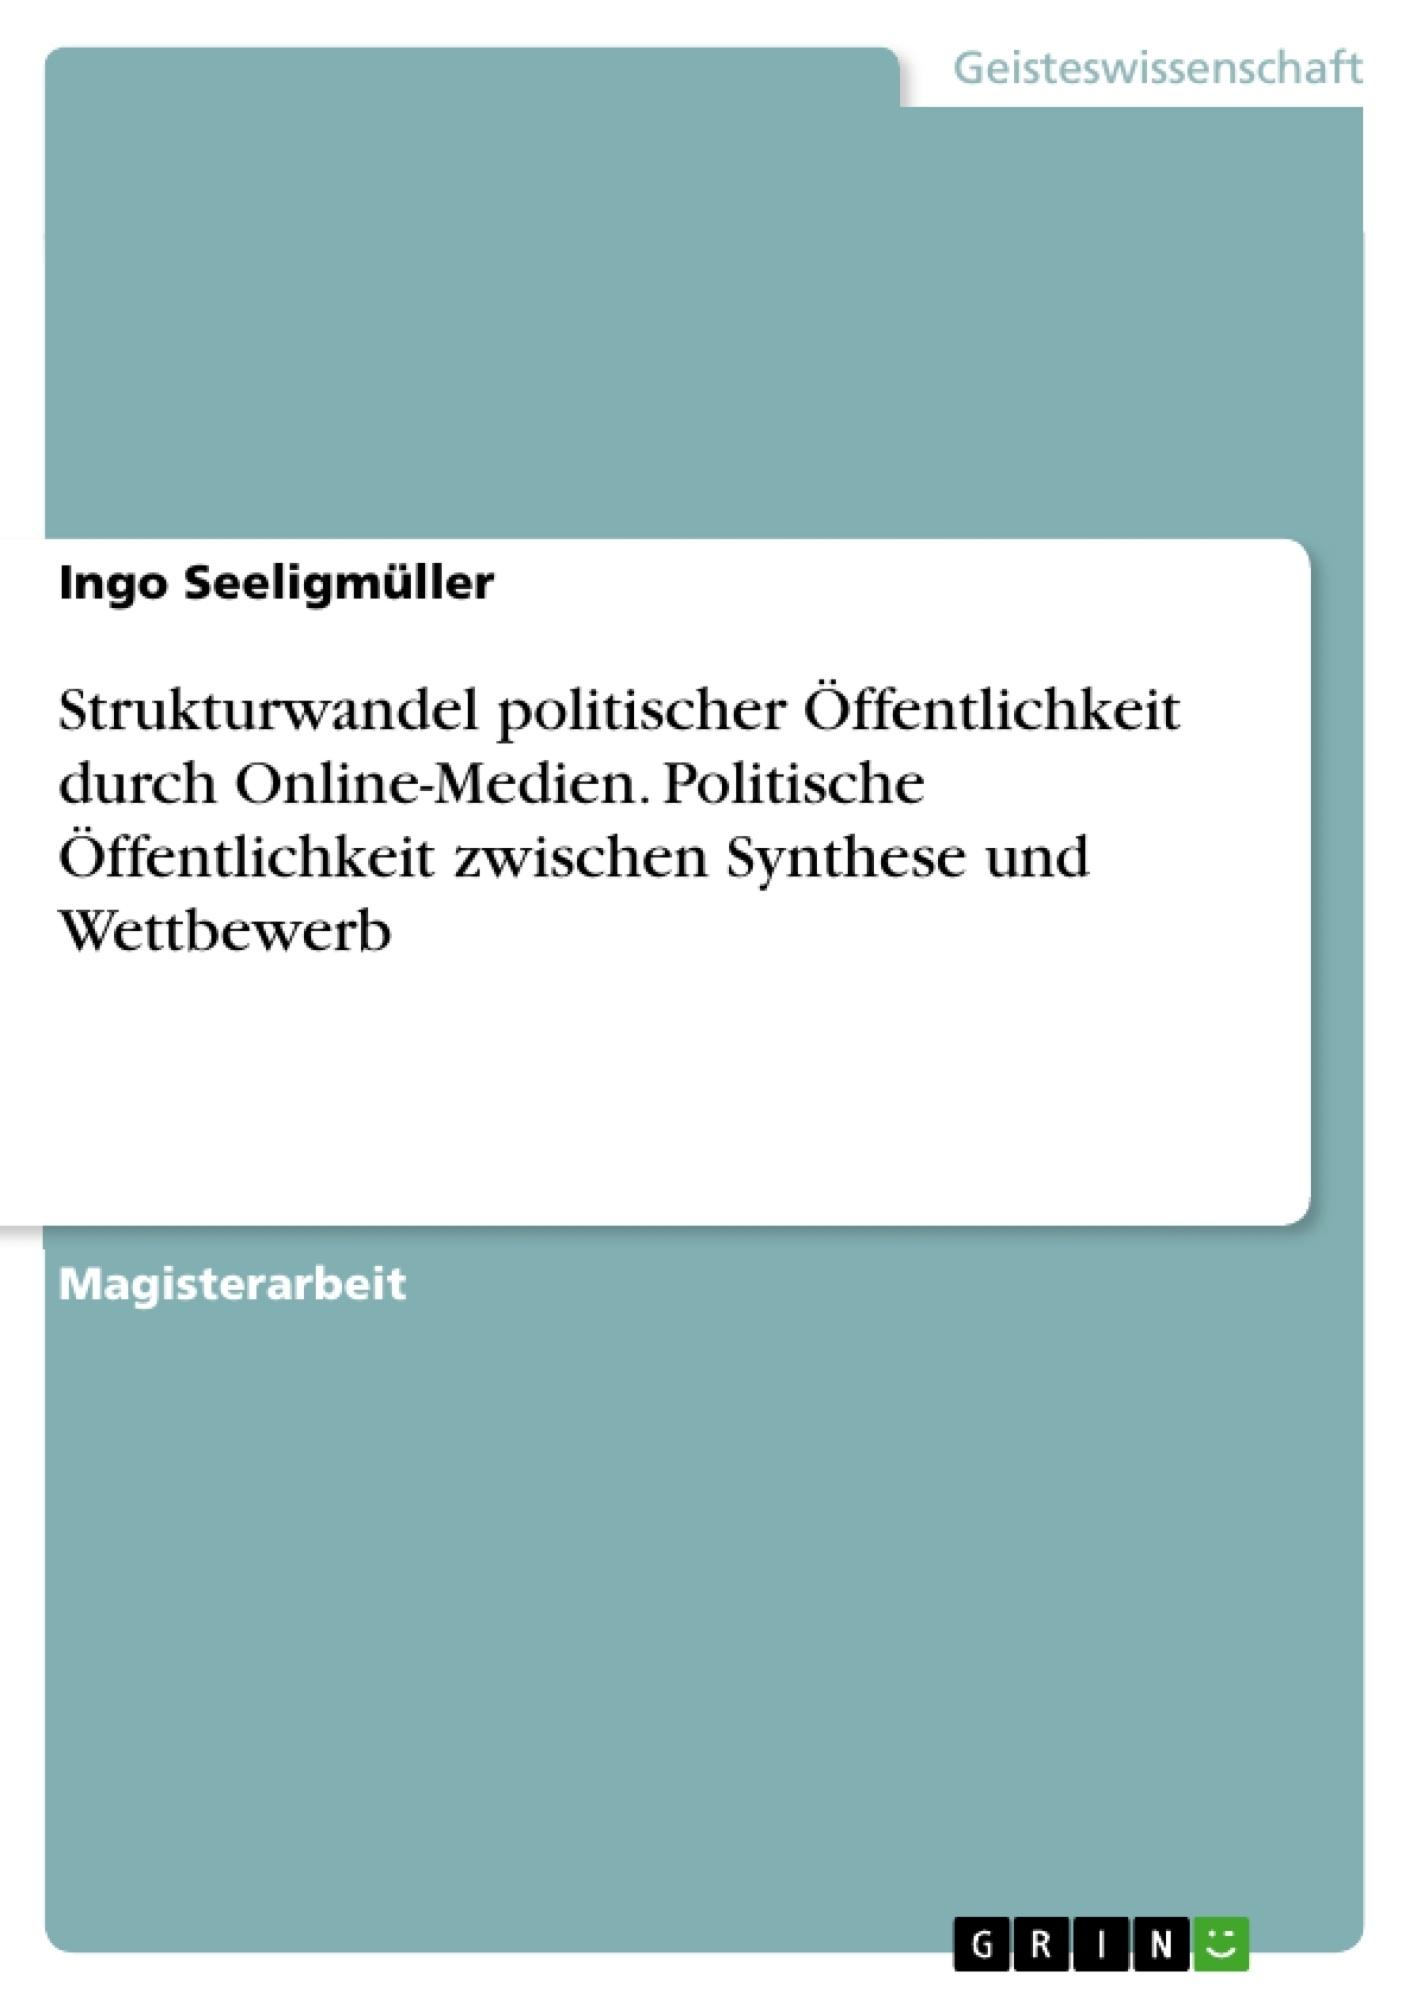 Titel: Strukturwandel politischer Öffentlichkeit durch Online-Medien. Politische Öffentlichkeit zwischen Synthese und Wettbewerb